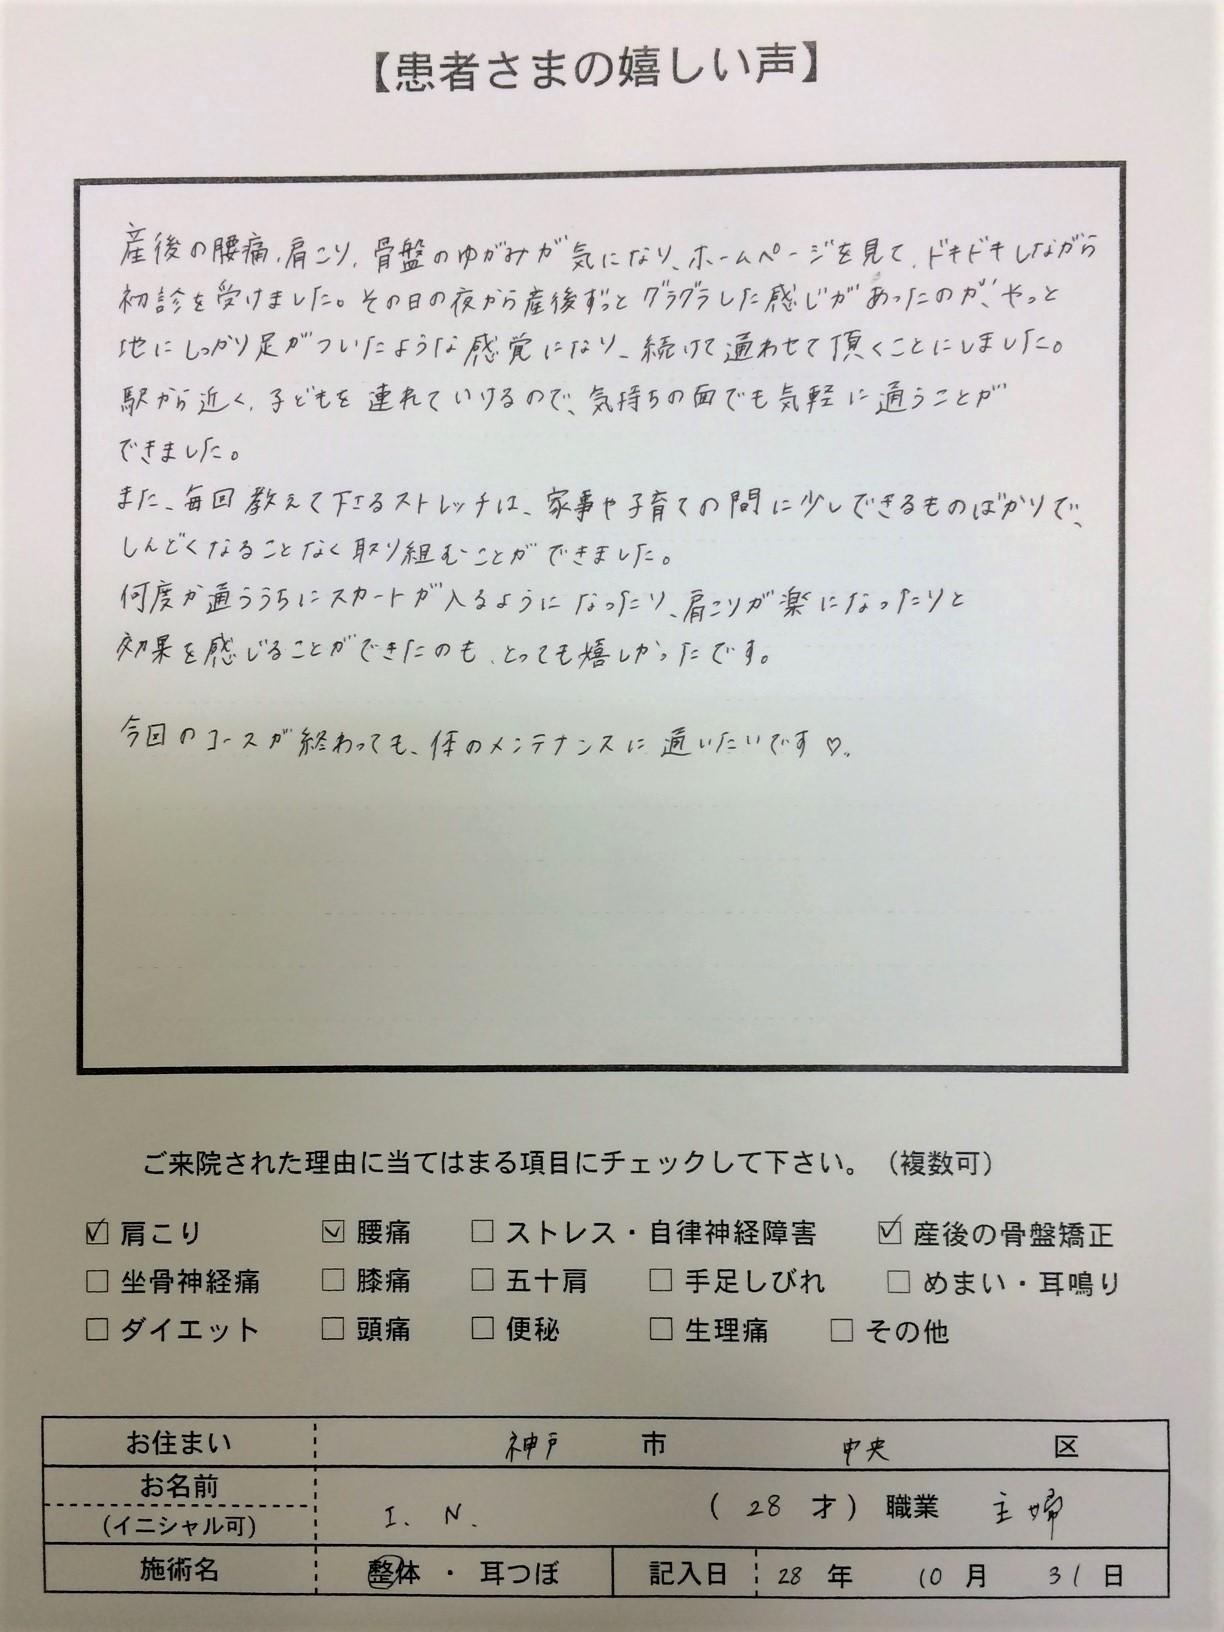 産後骨盤矯正⑦神戸市中央区 I.N様 28才 主婦.jpg